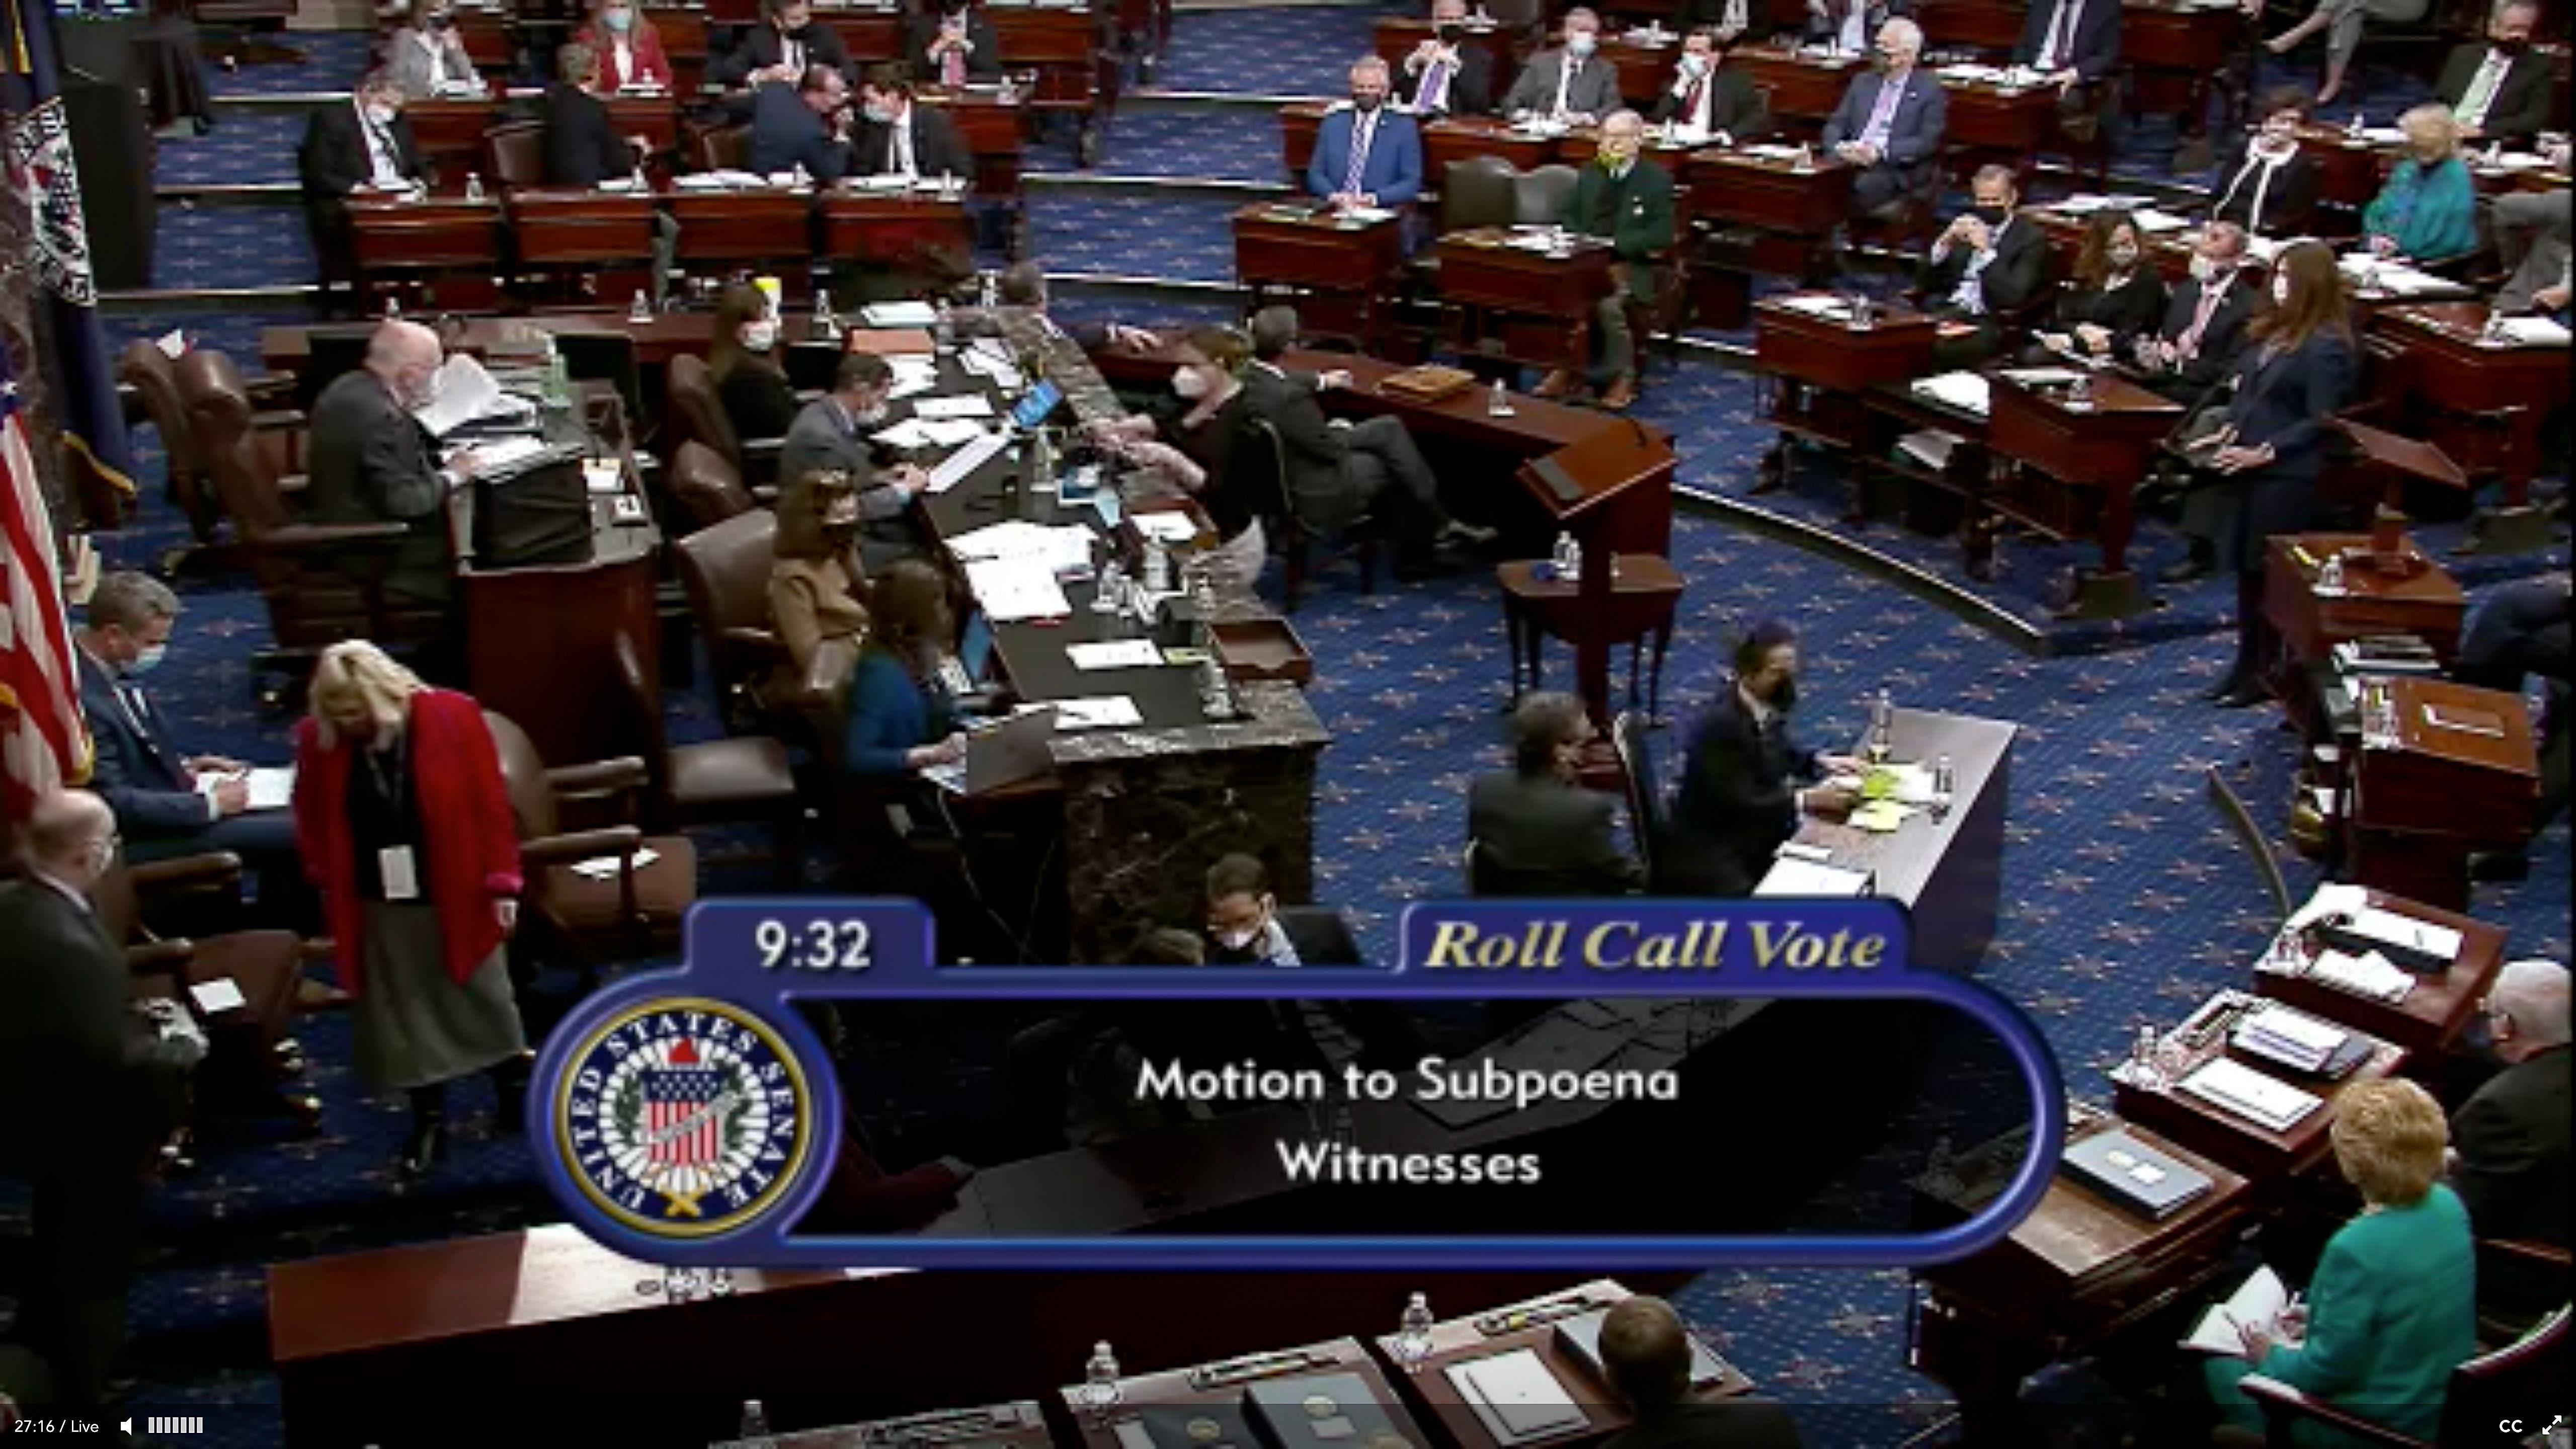 Votación este sábado en el Senado de EEUU.